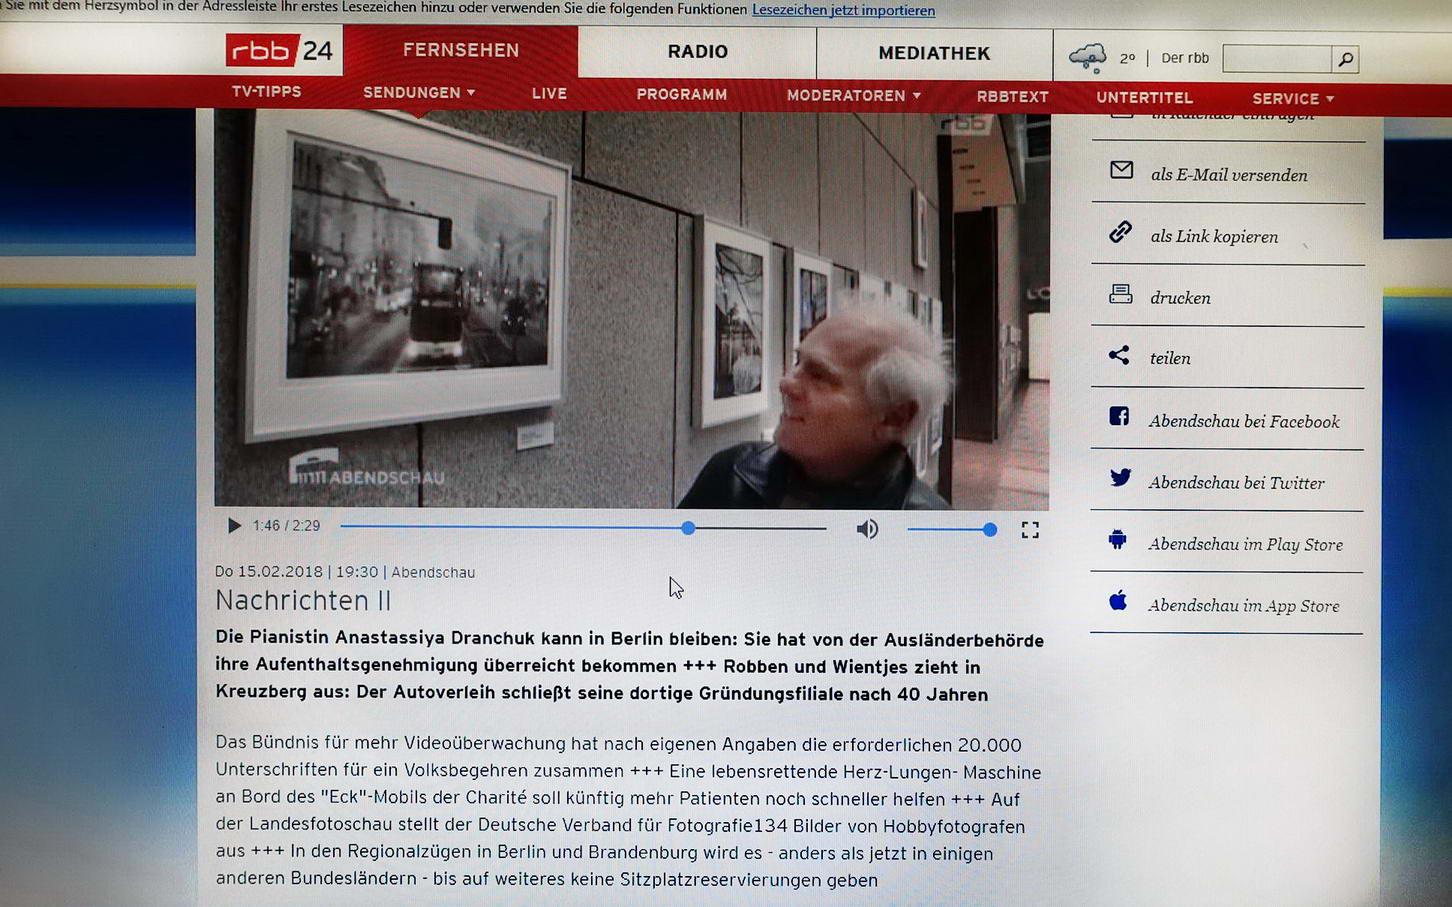 2018.02.15 Berlin Mitte Abendschau LAFO Ausstellung DSC09632 2 konv